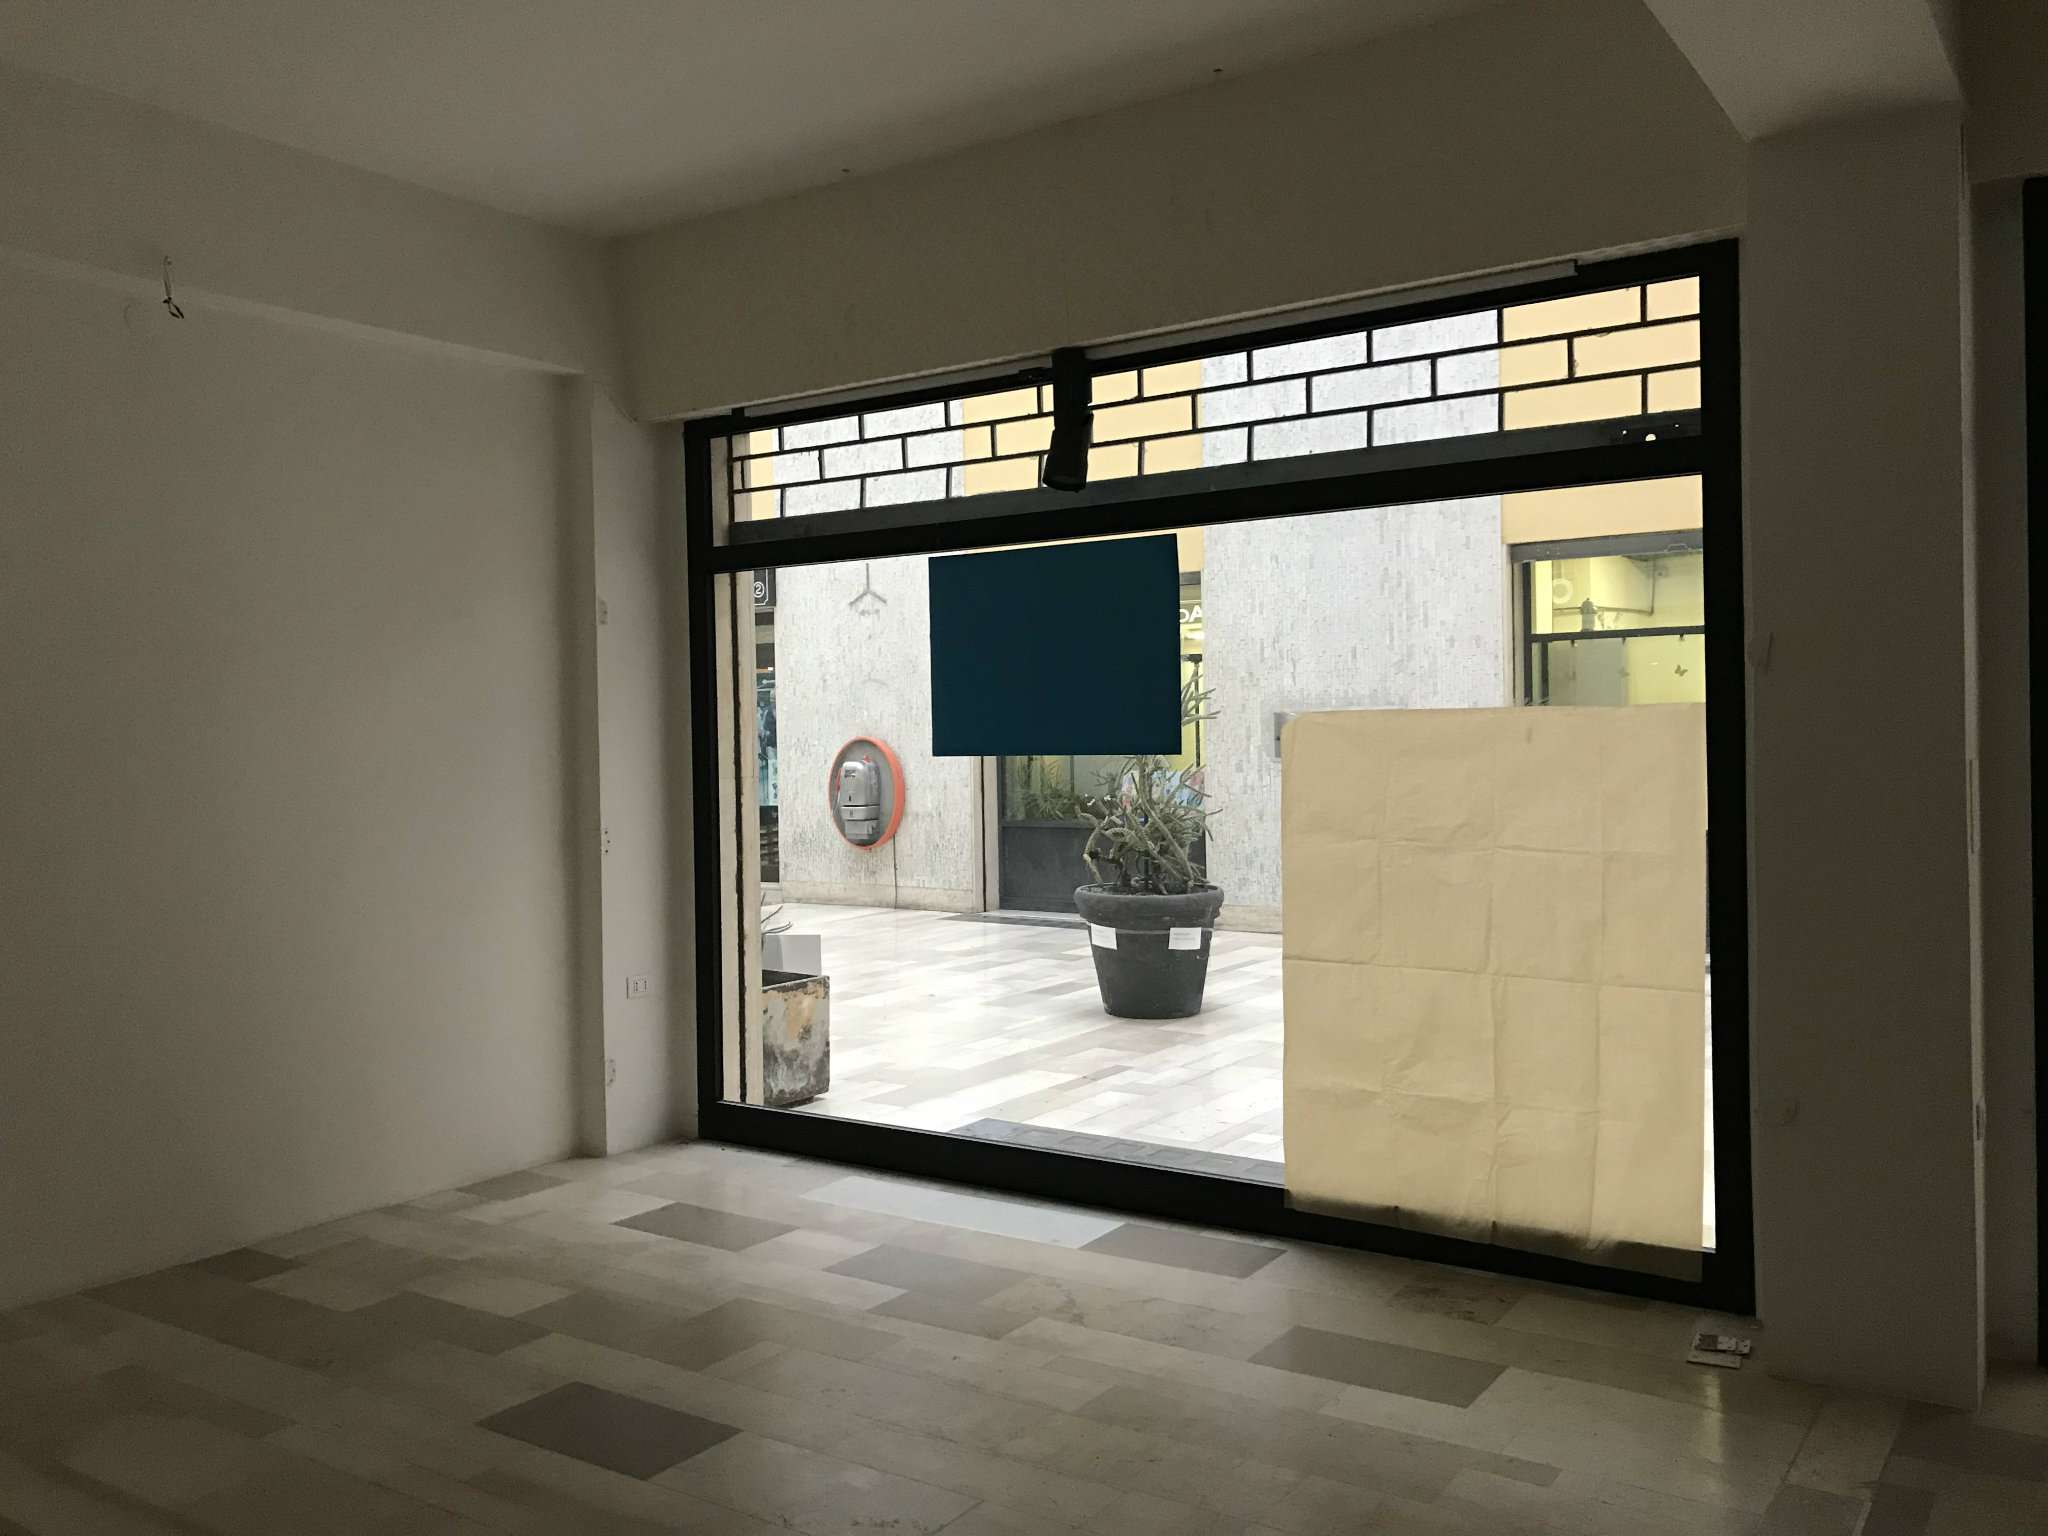 Negozio / Locale in affitto a Cesena, 2 locali, prezzo € 500 | CambioCasa.it